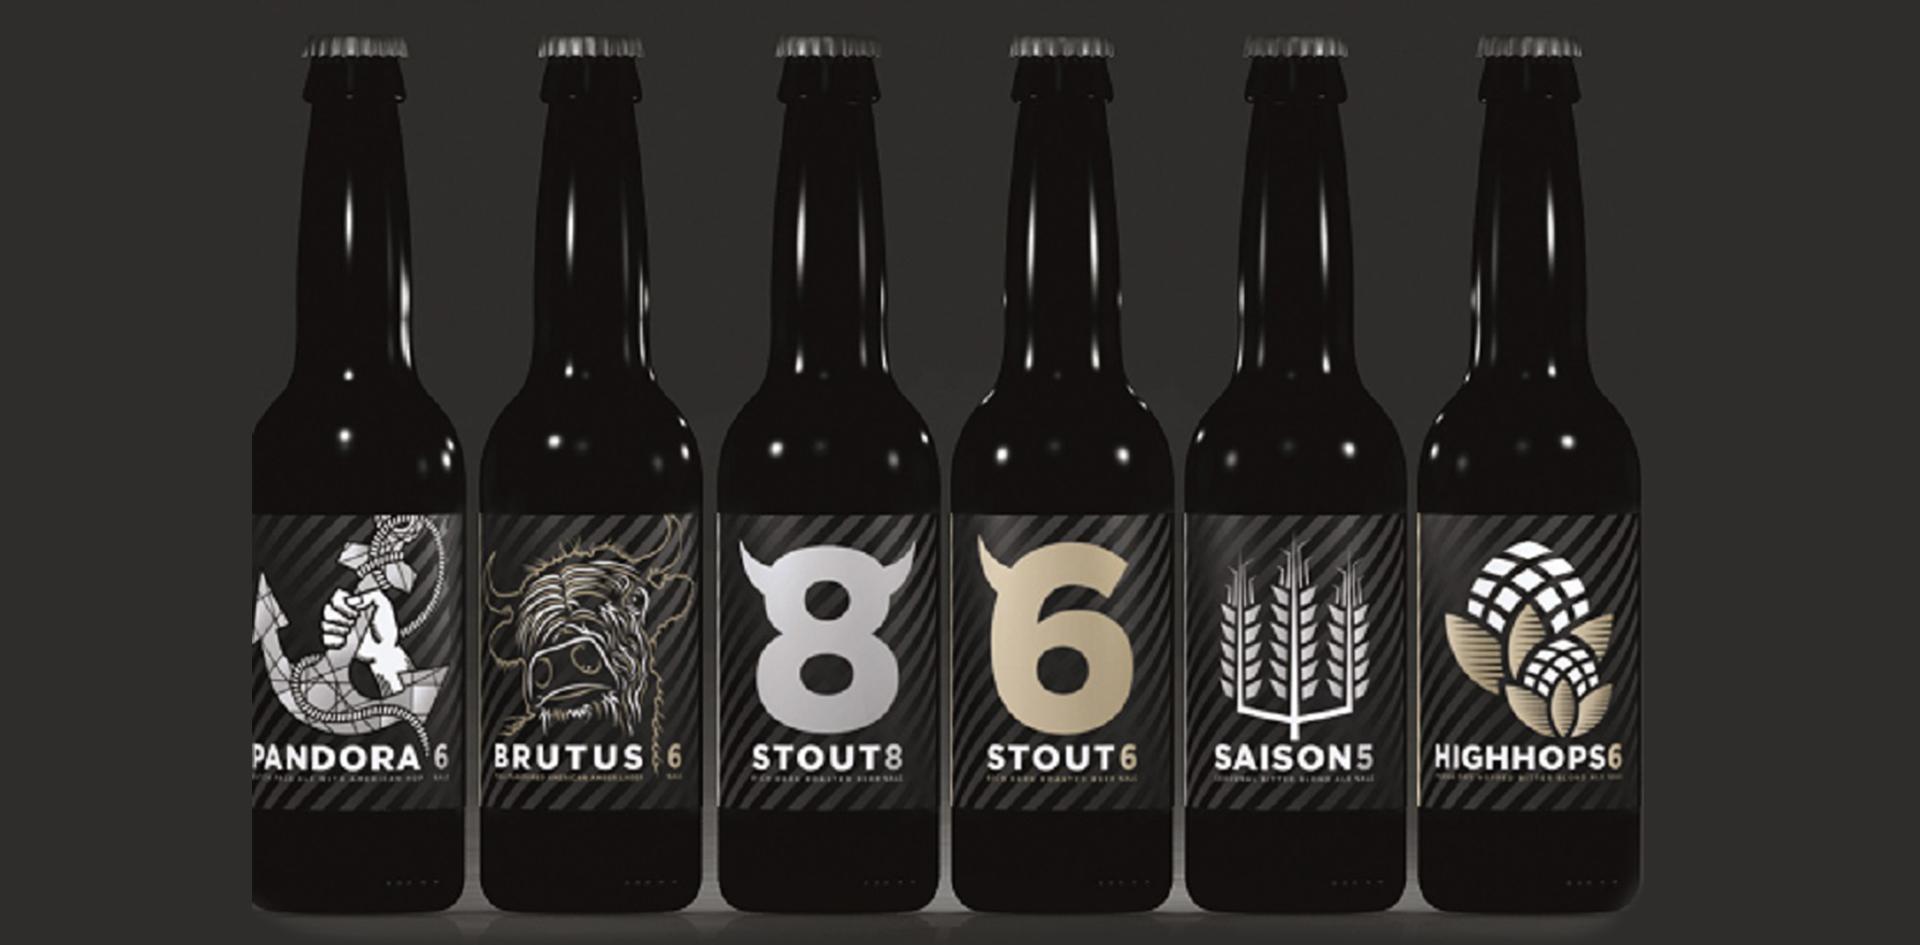 pils-bier-brouwerij-nederland-streekbier-utrecht-maximus-foto-01